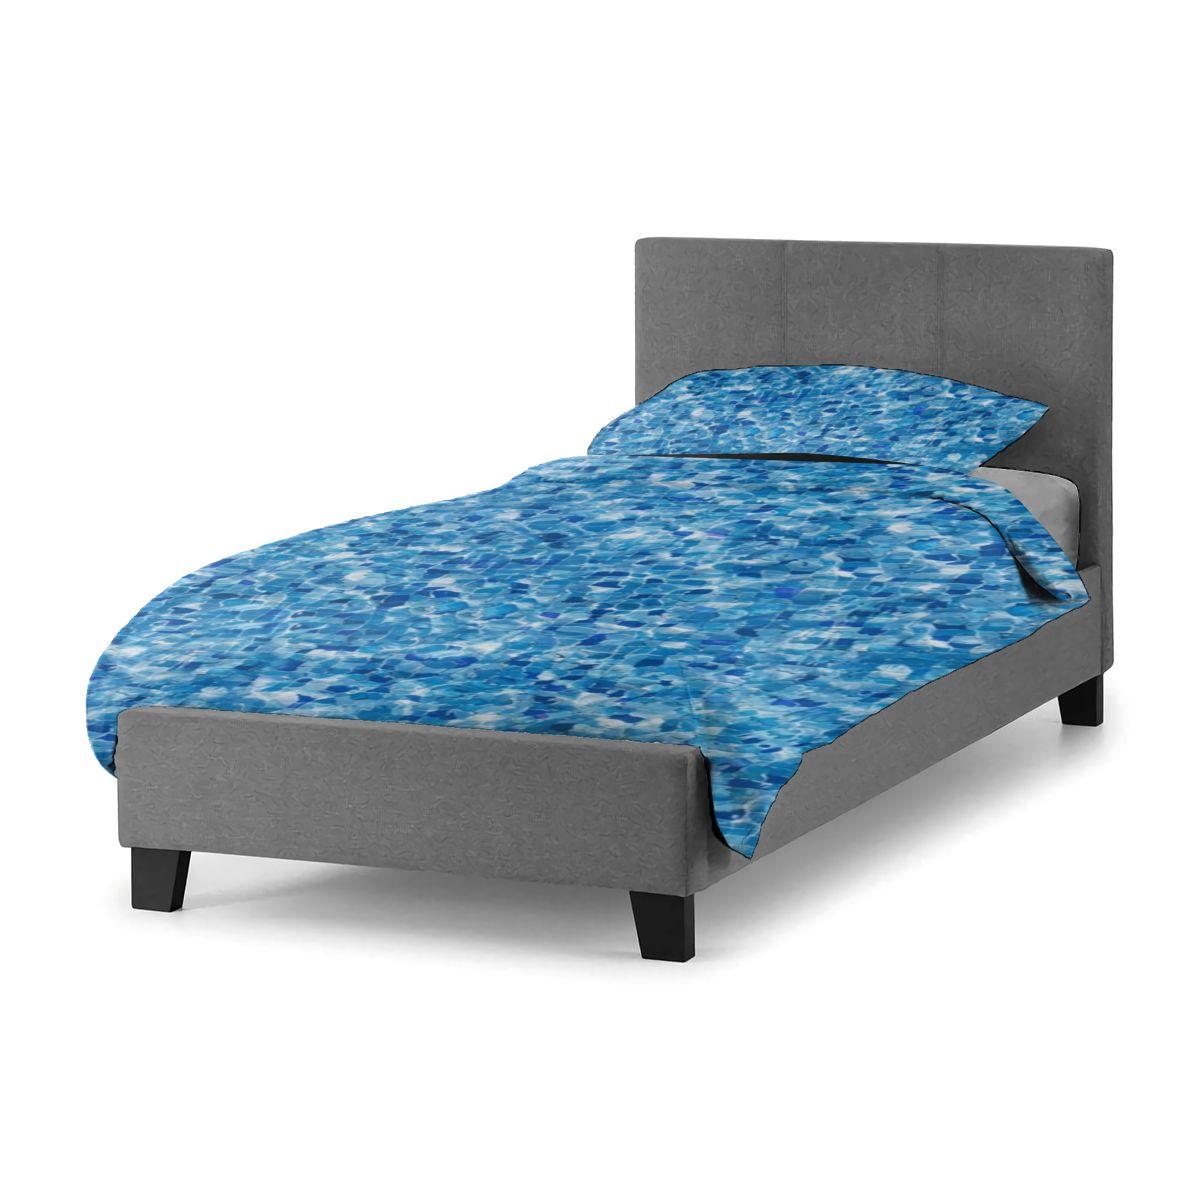 طقم سرير كريستال شتاء المراهقين أغطية سرير غطاء بالجملة Kawaii ورقة مجموعة